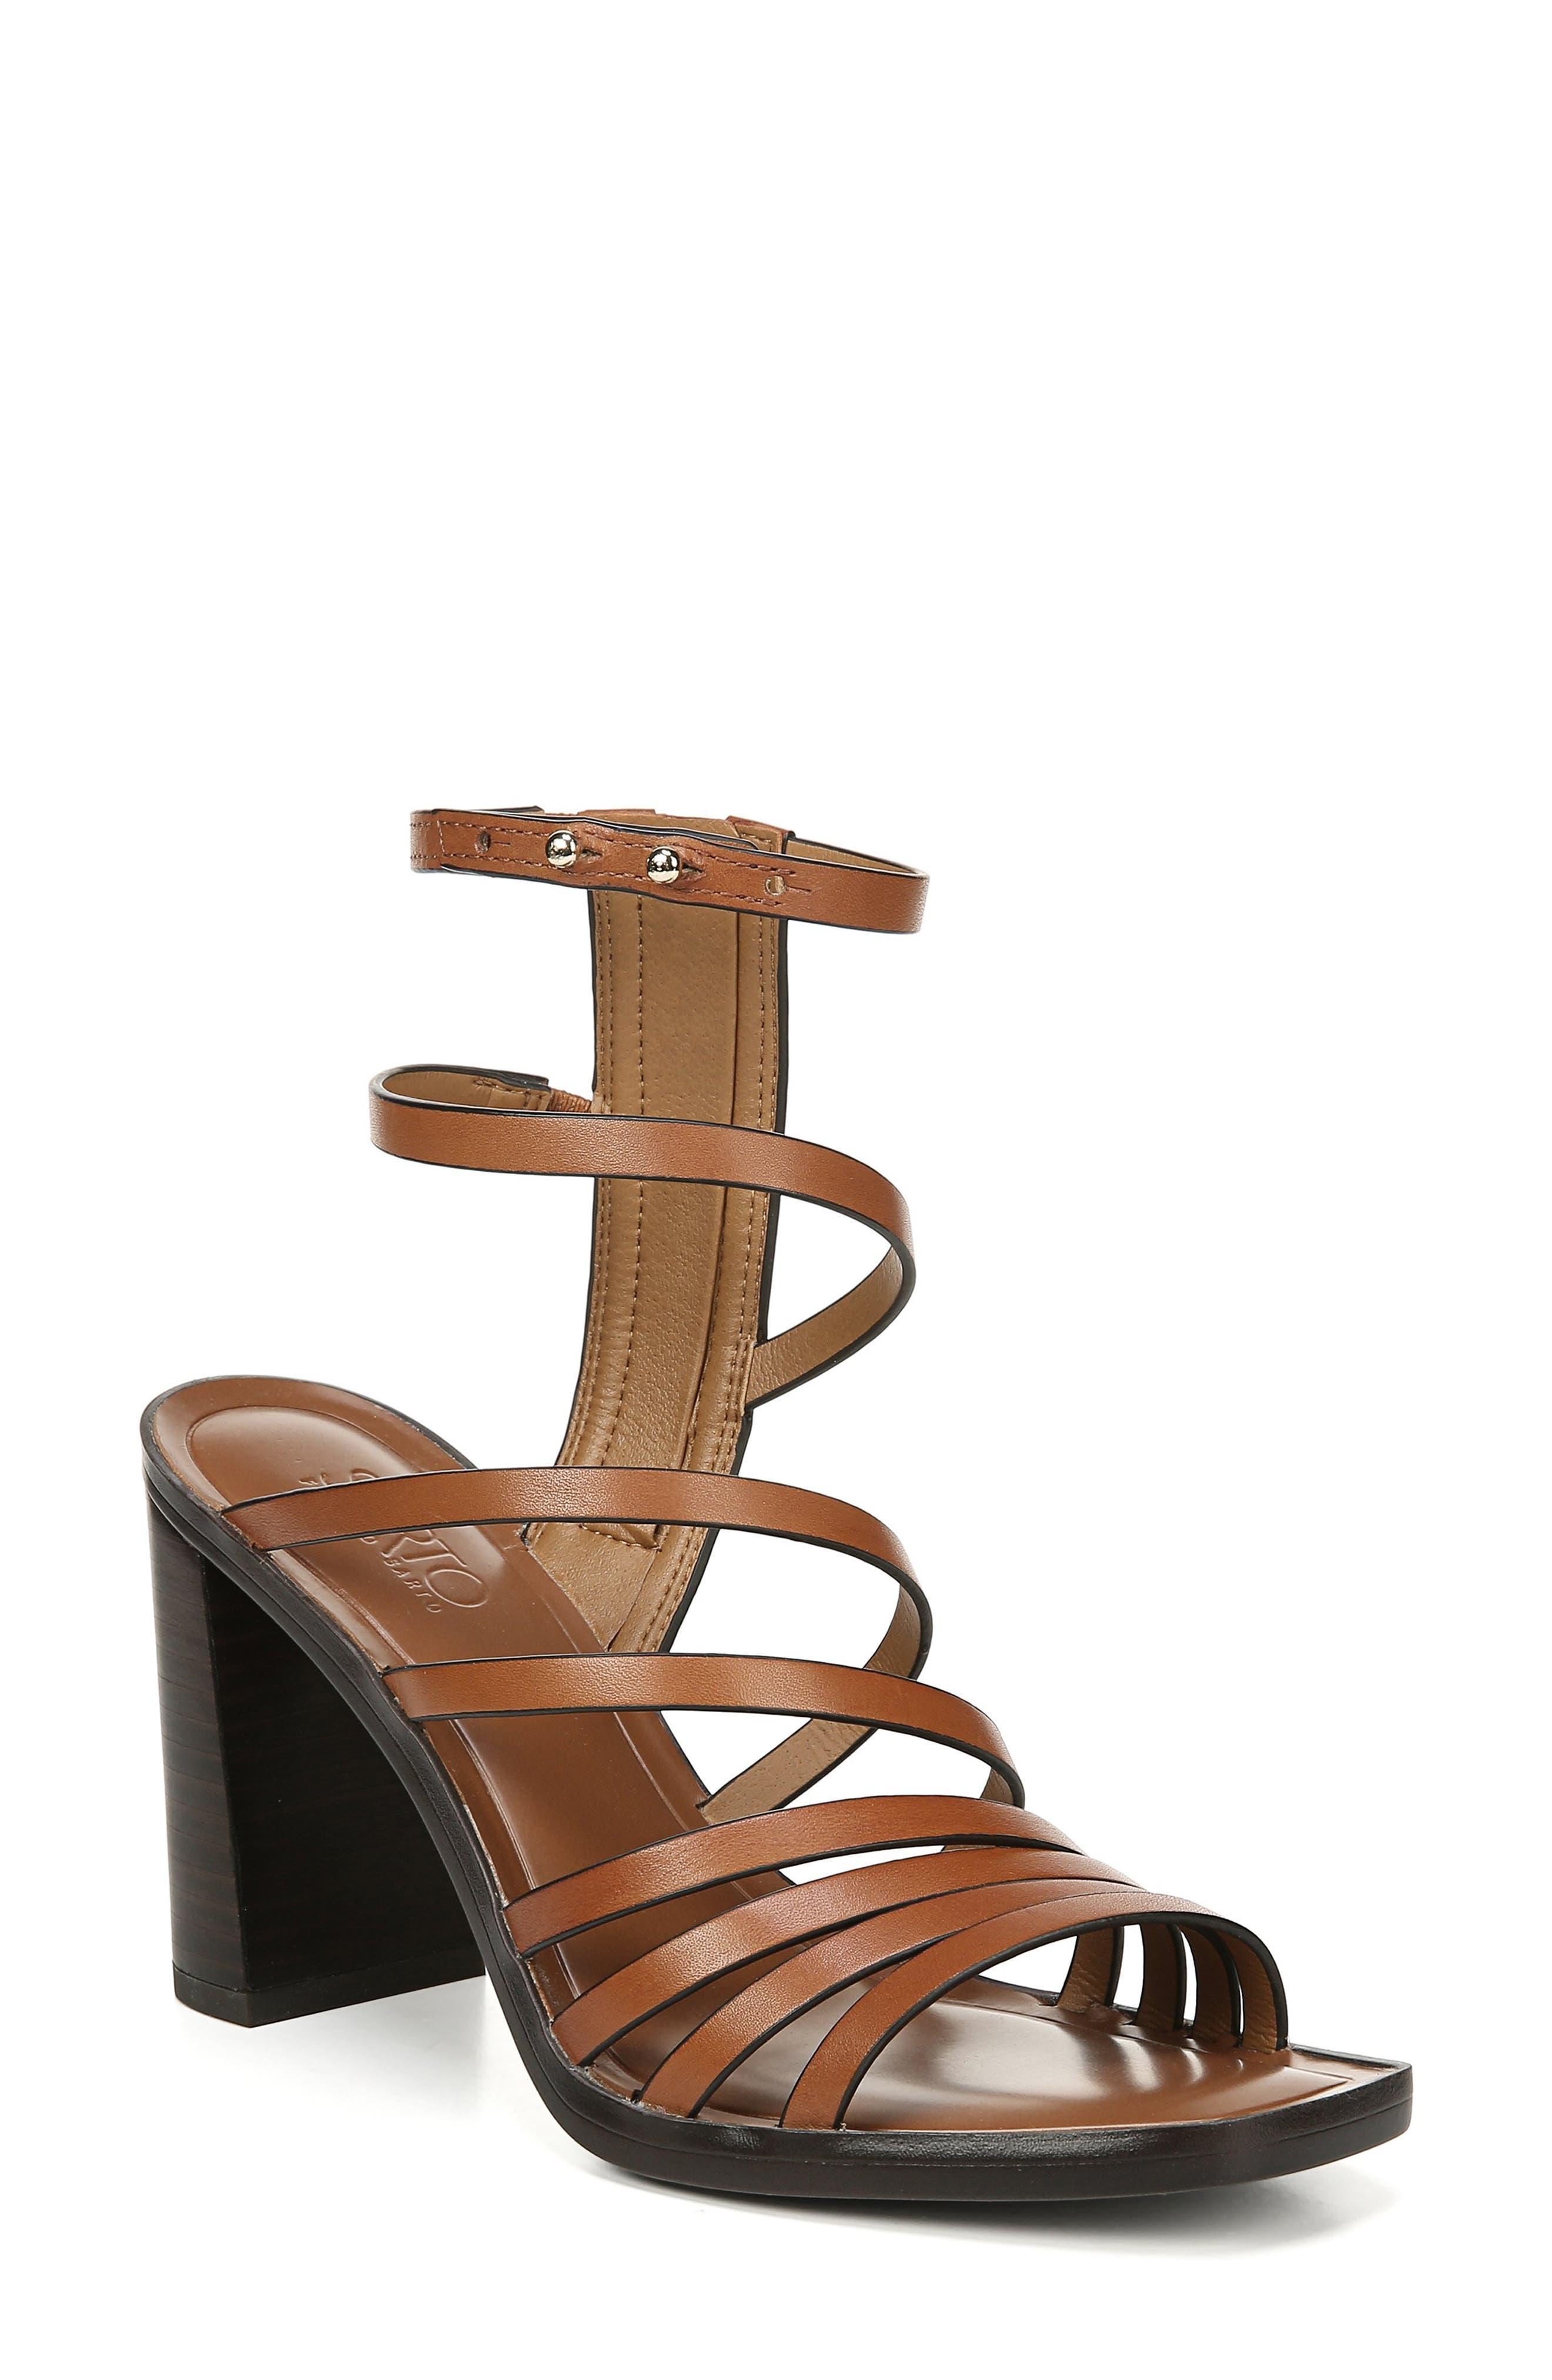 Sarto By Franco Sarto Winnie Strappy Sandal, Brown